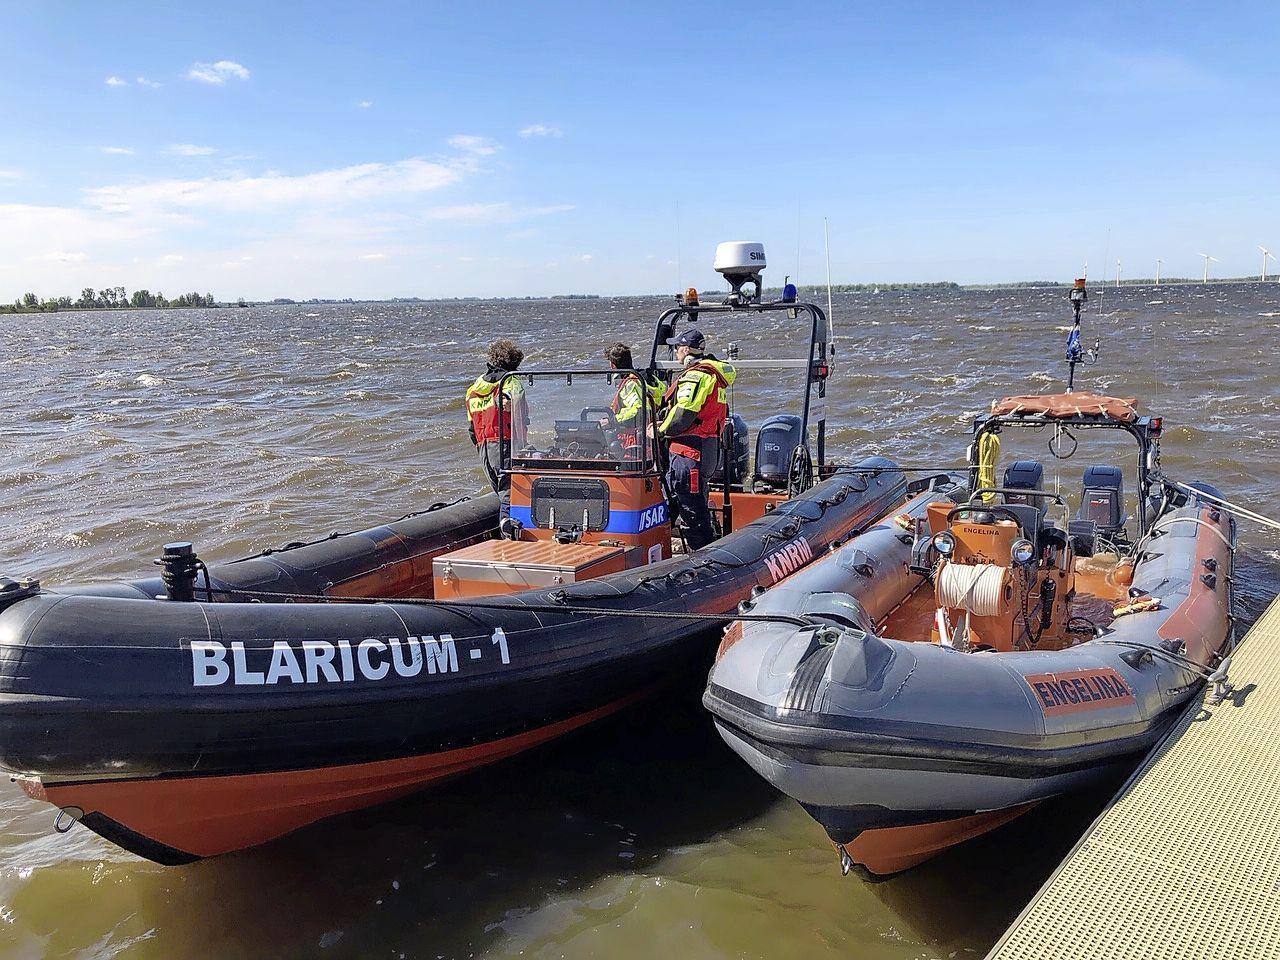 Reddingsbrigade Blaricum zoekt jonge lifeguards voor deze zomer; 'Ze houden toezicht, verlenen eerste hulp en delen polsbandjes aan ouders met kinderen uit'